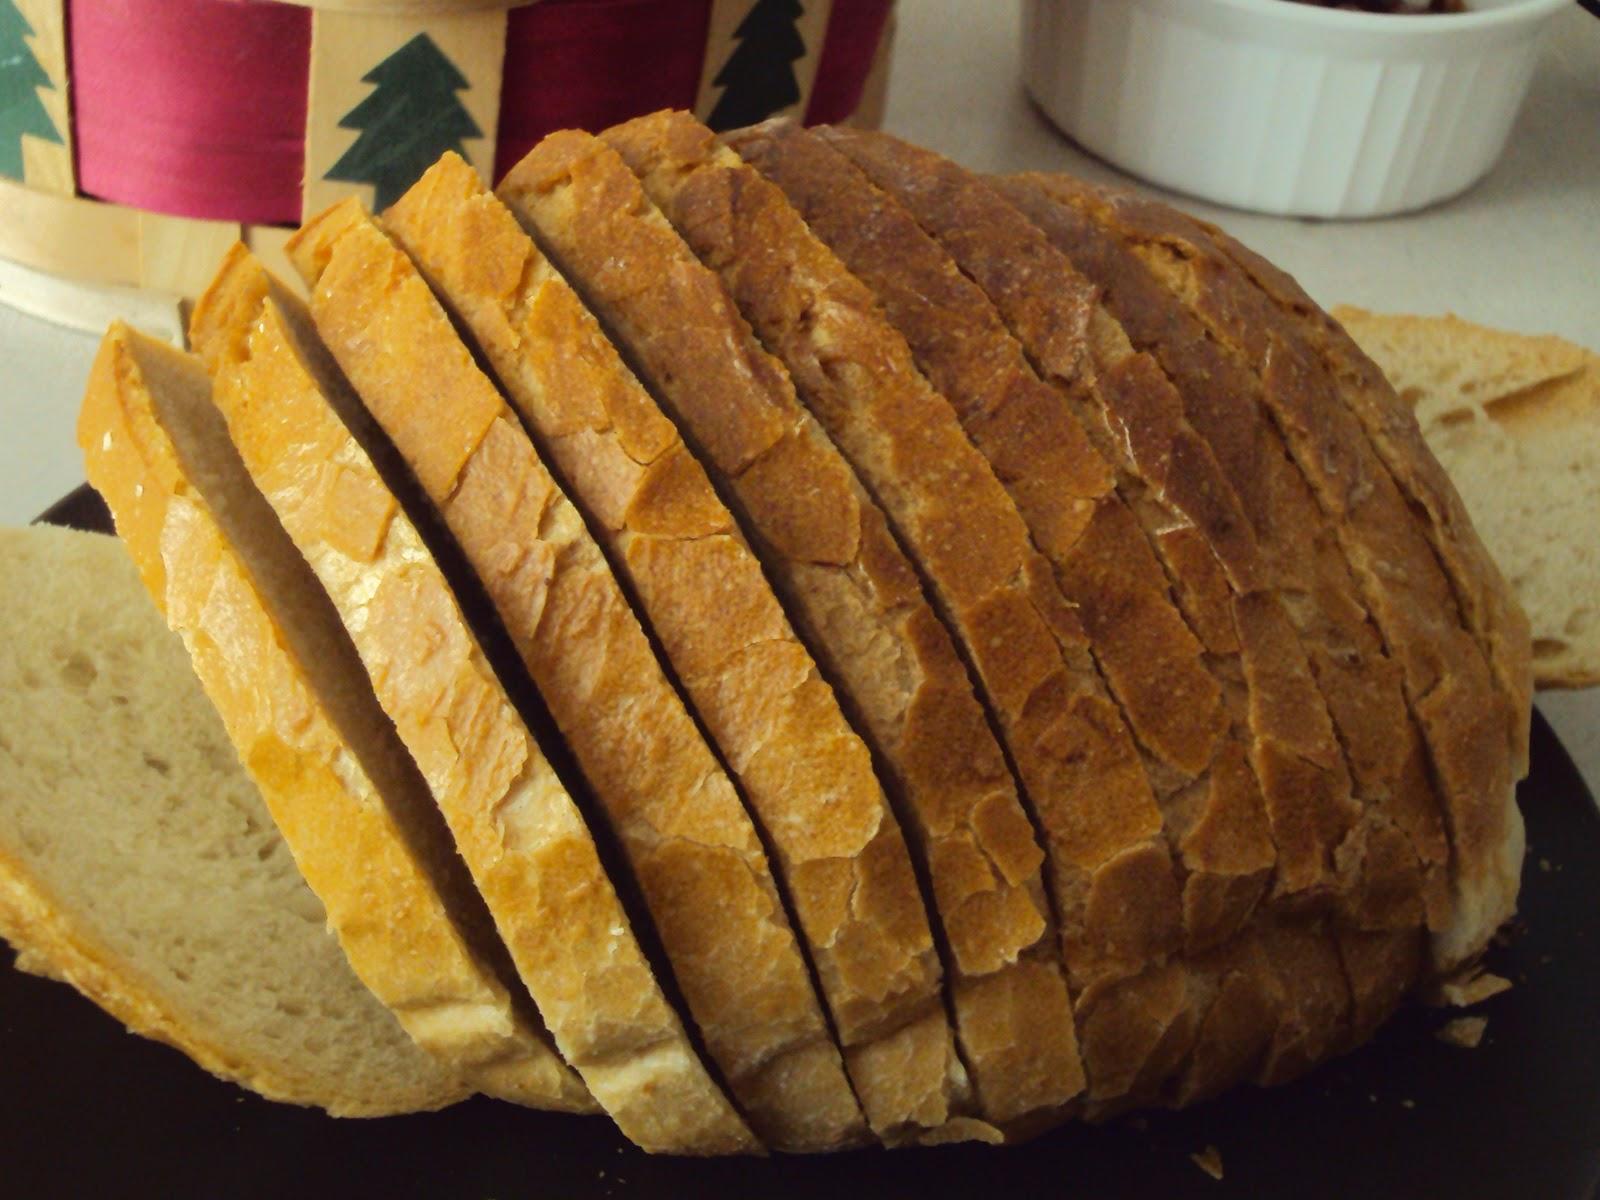 Buy bread near me